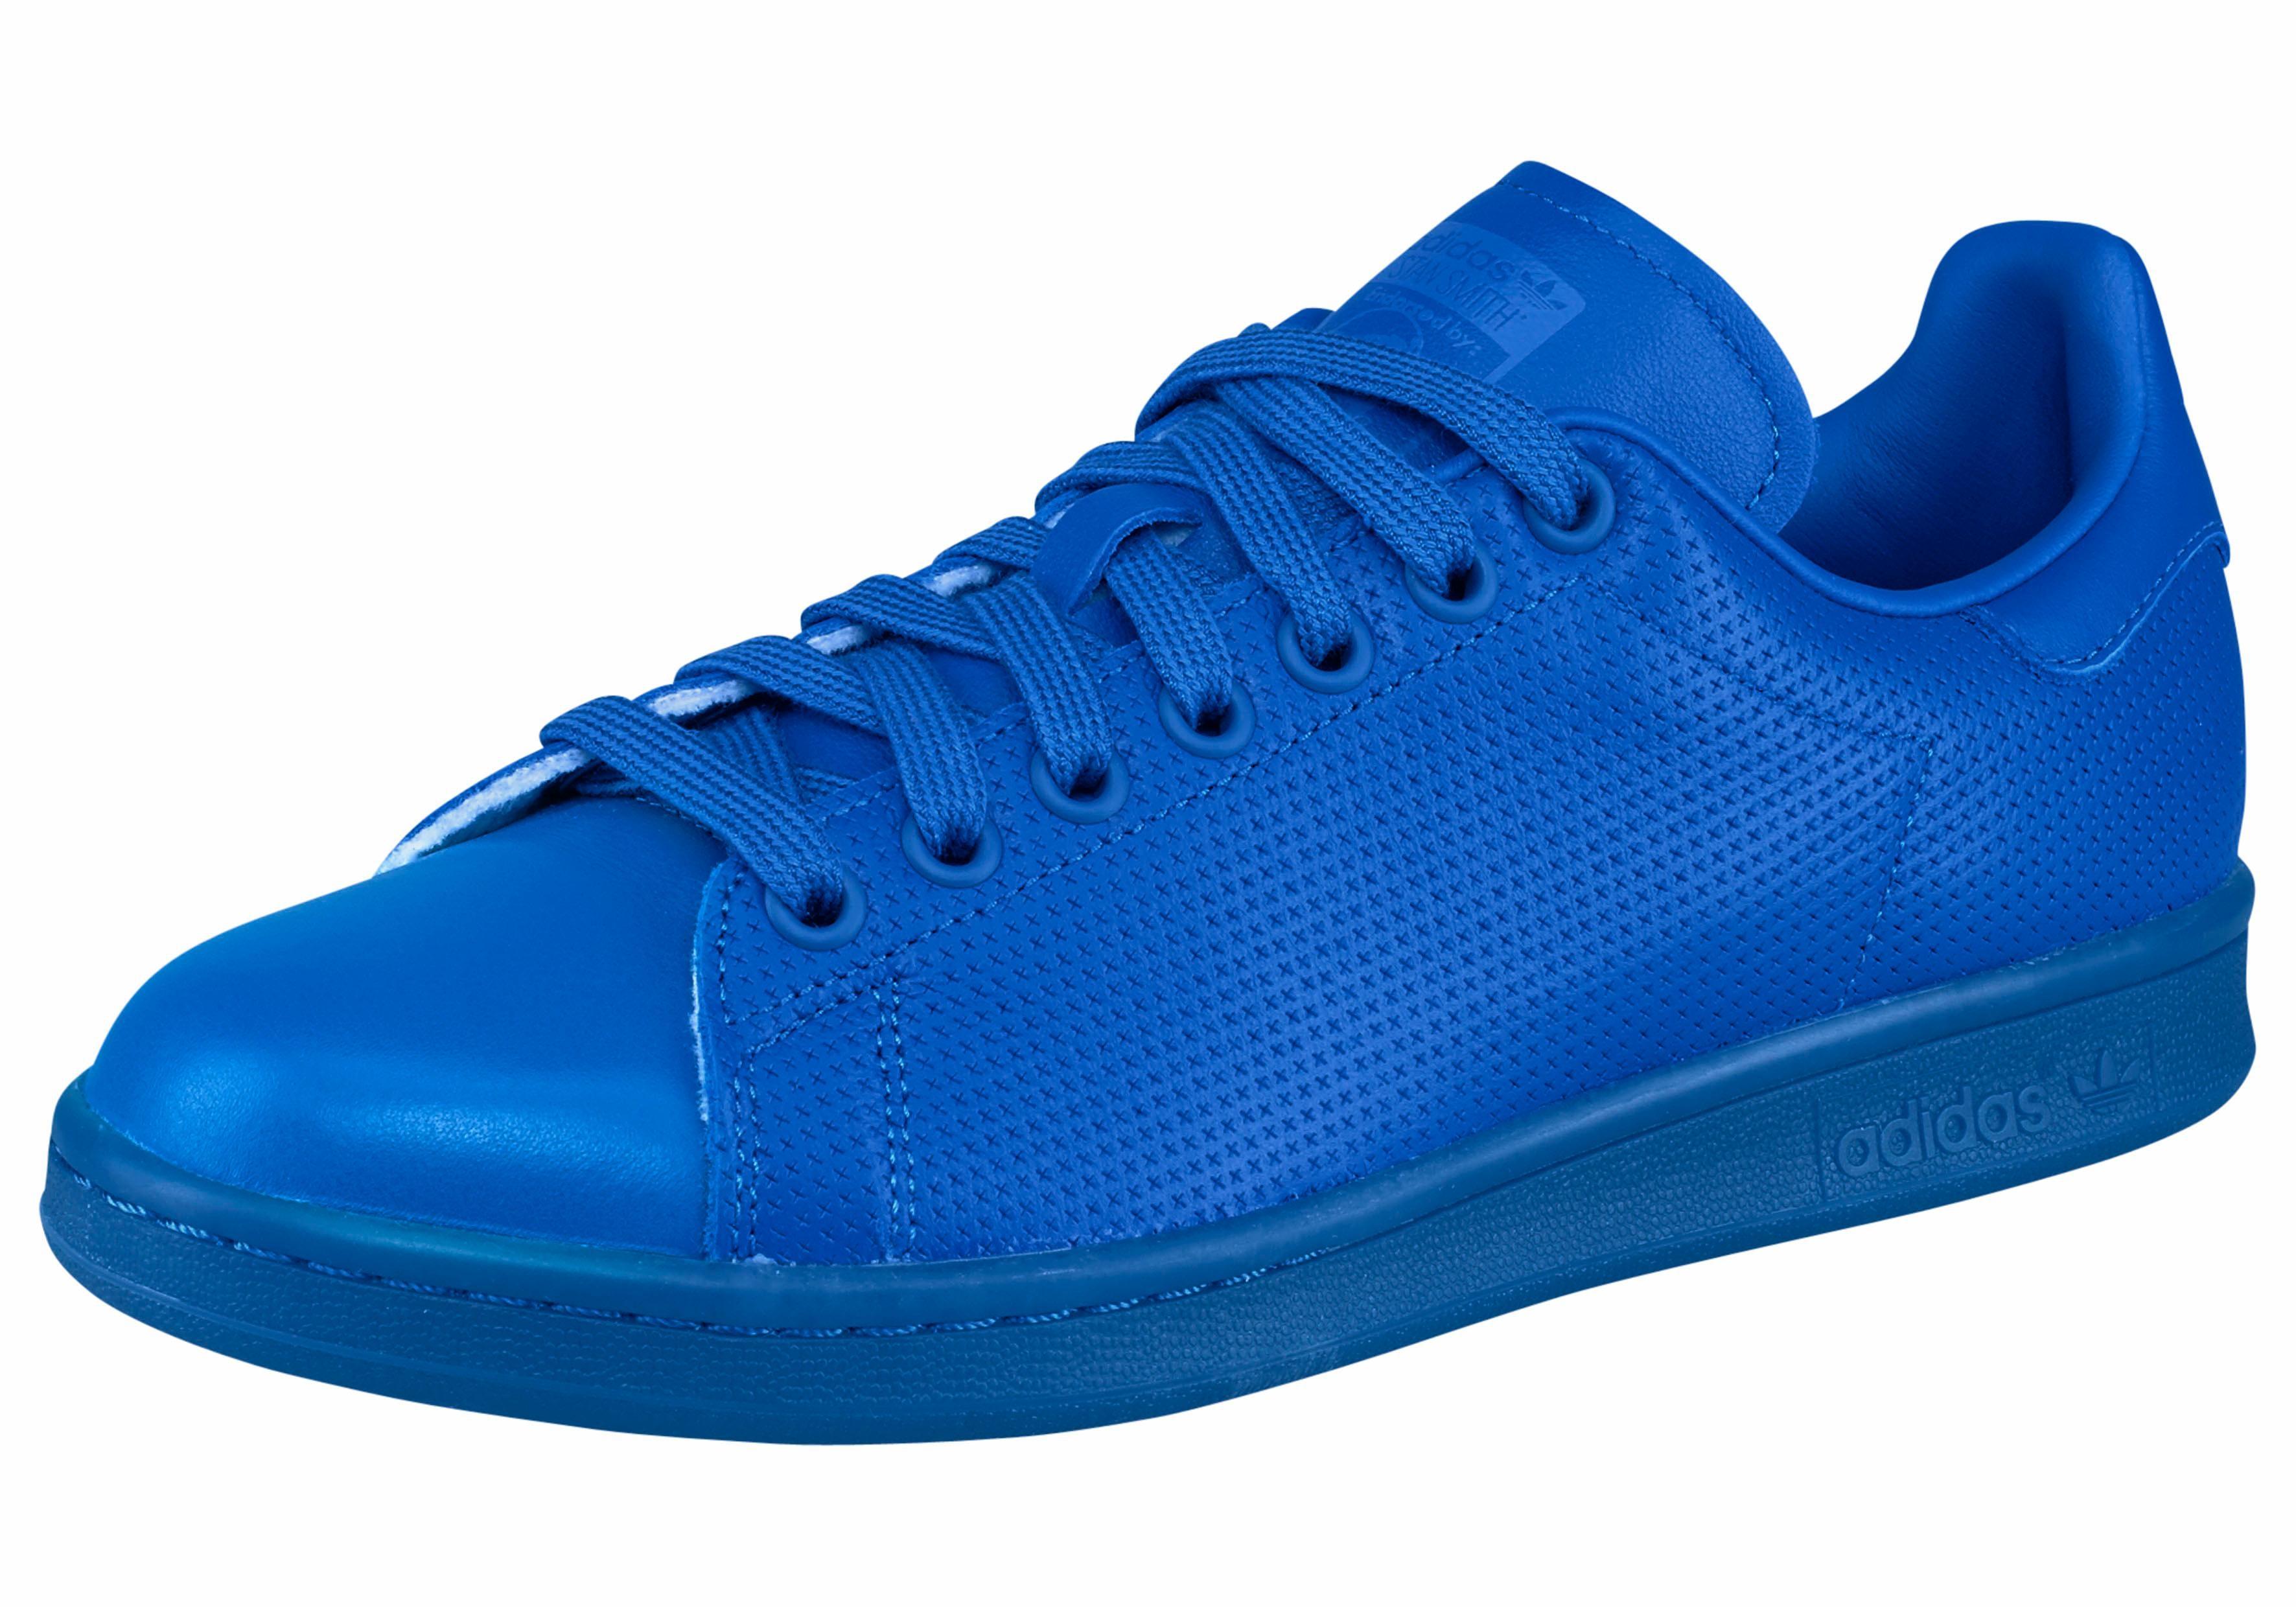 adidas Originals Stan Smith adicolor sneakers bestellen: 14 dagen bedenktijd